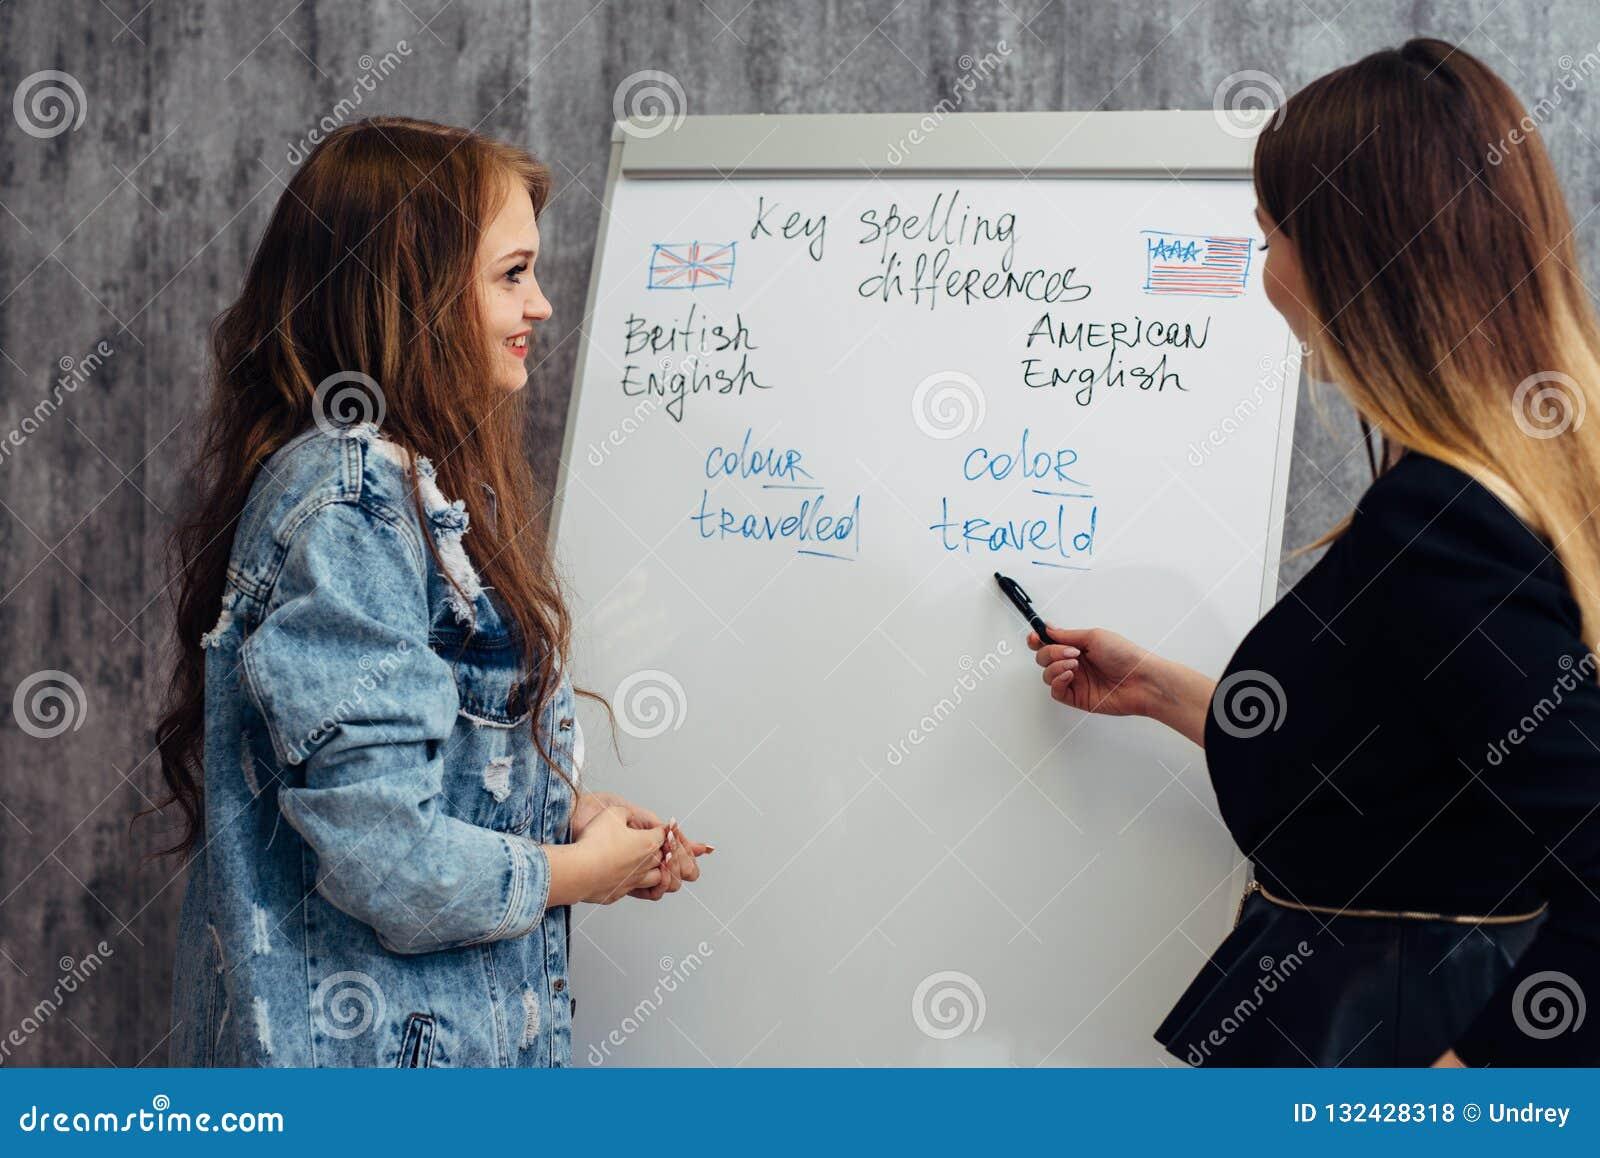 Engelstalige school Les, leraars en studenten het spreken